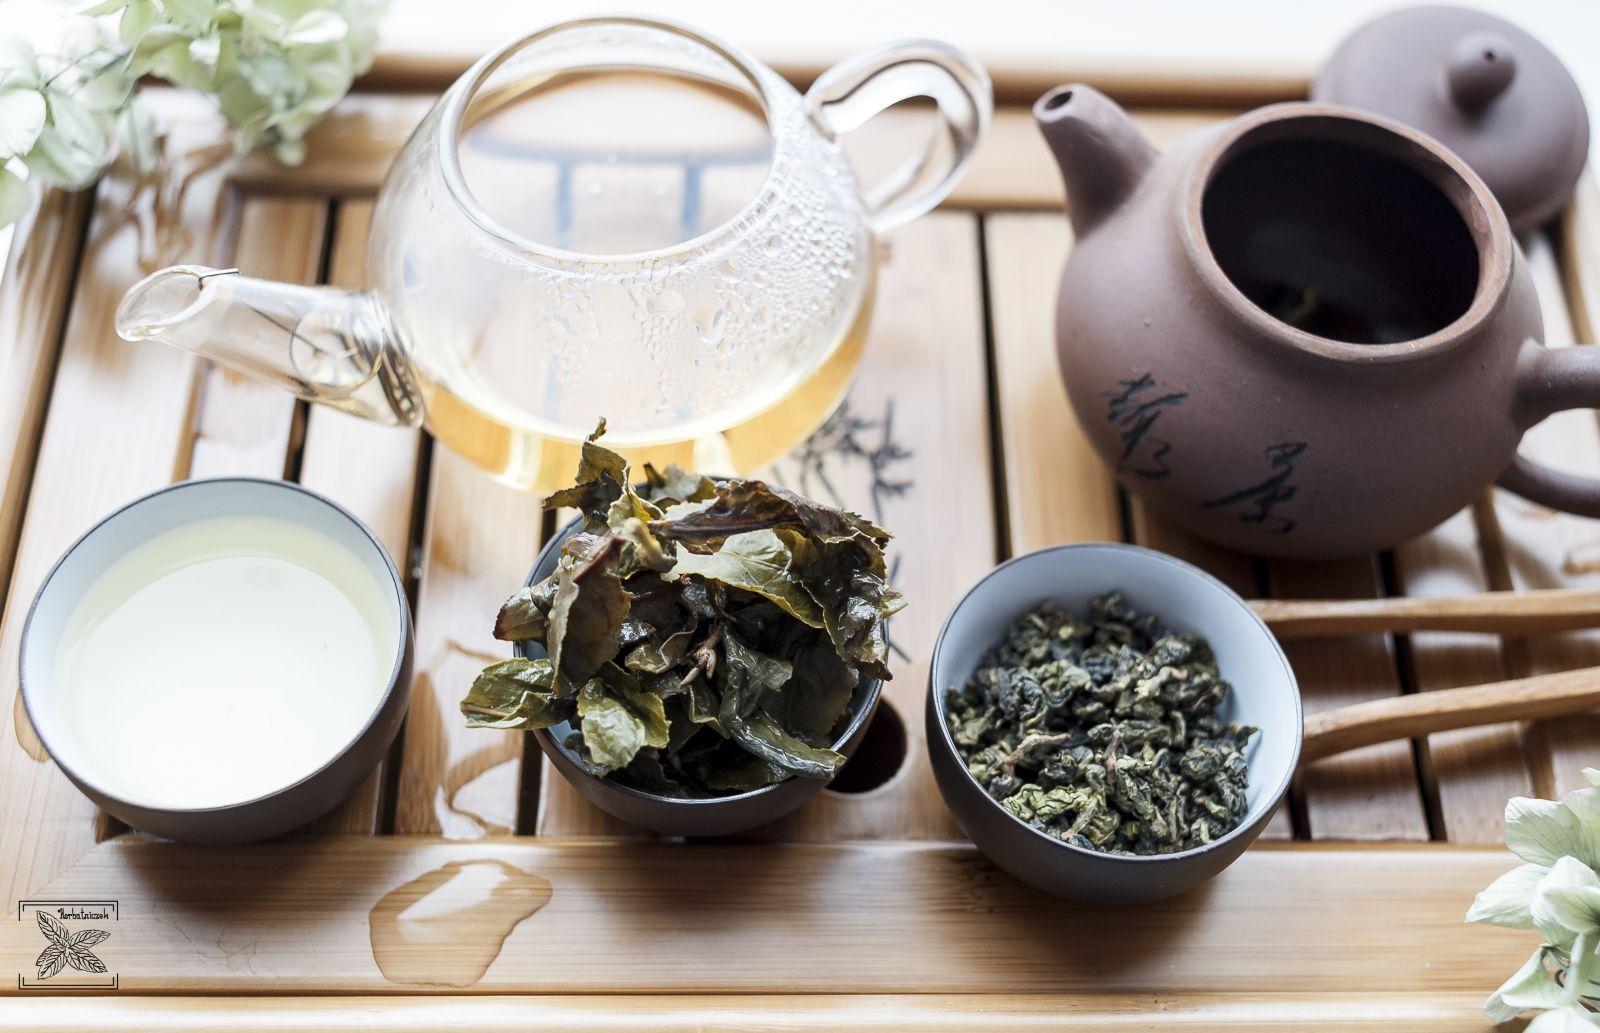 Зеленый Чай Молочный Улун Польза Для Женщин - основные характеристики